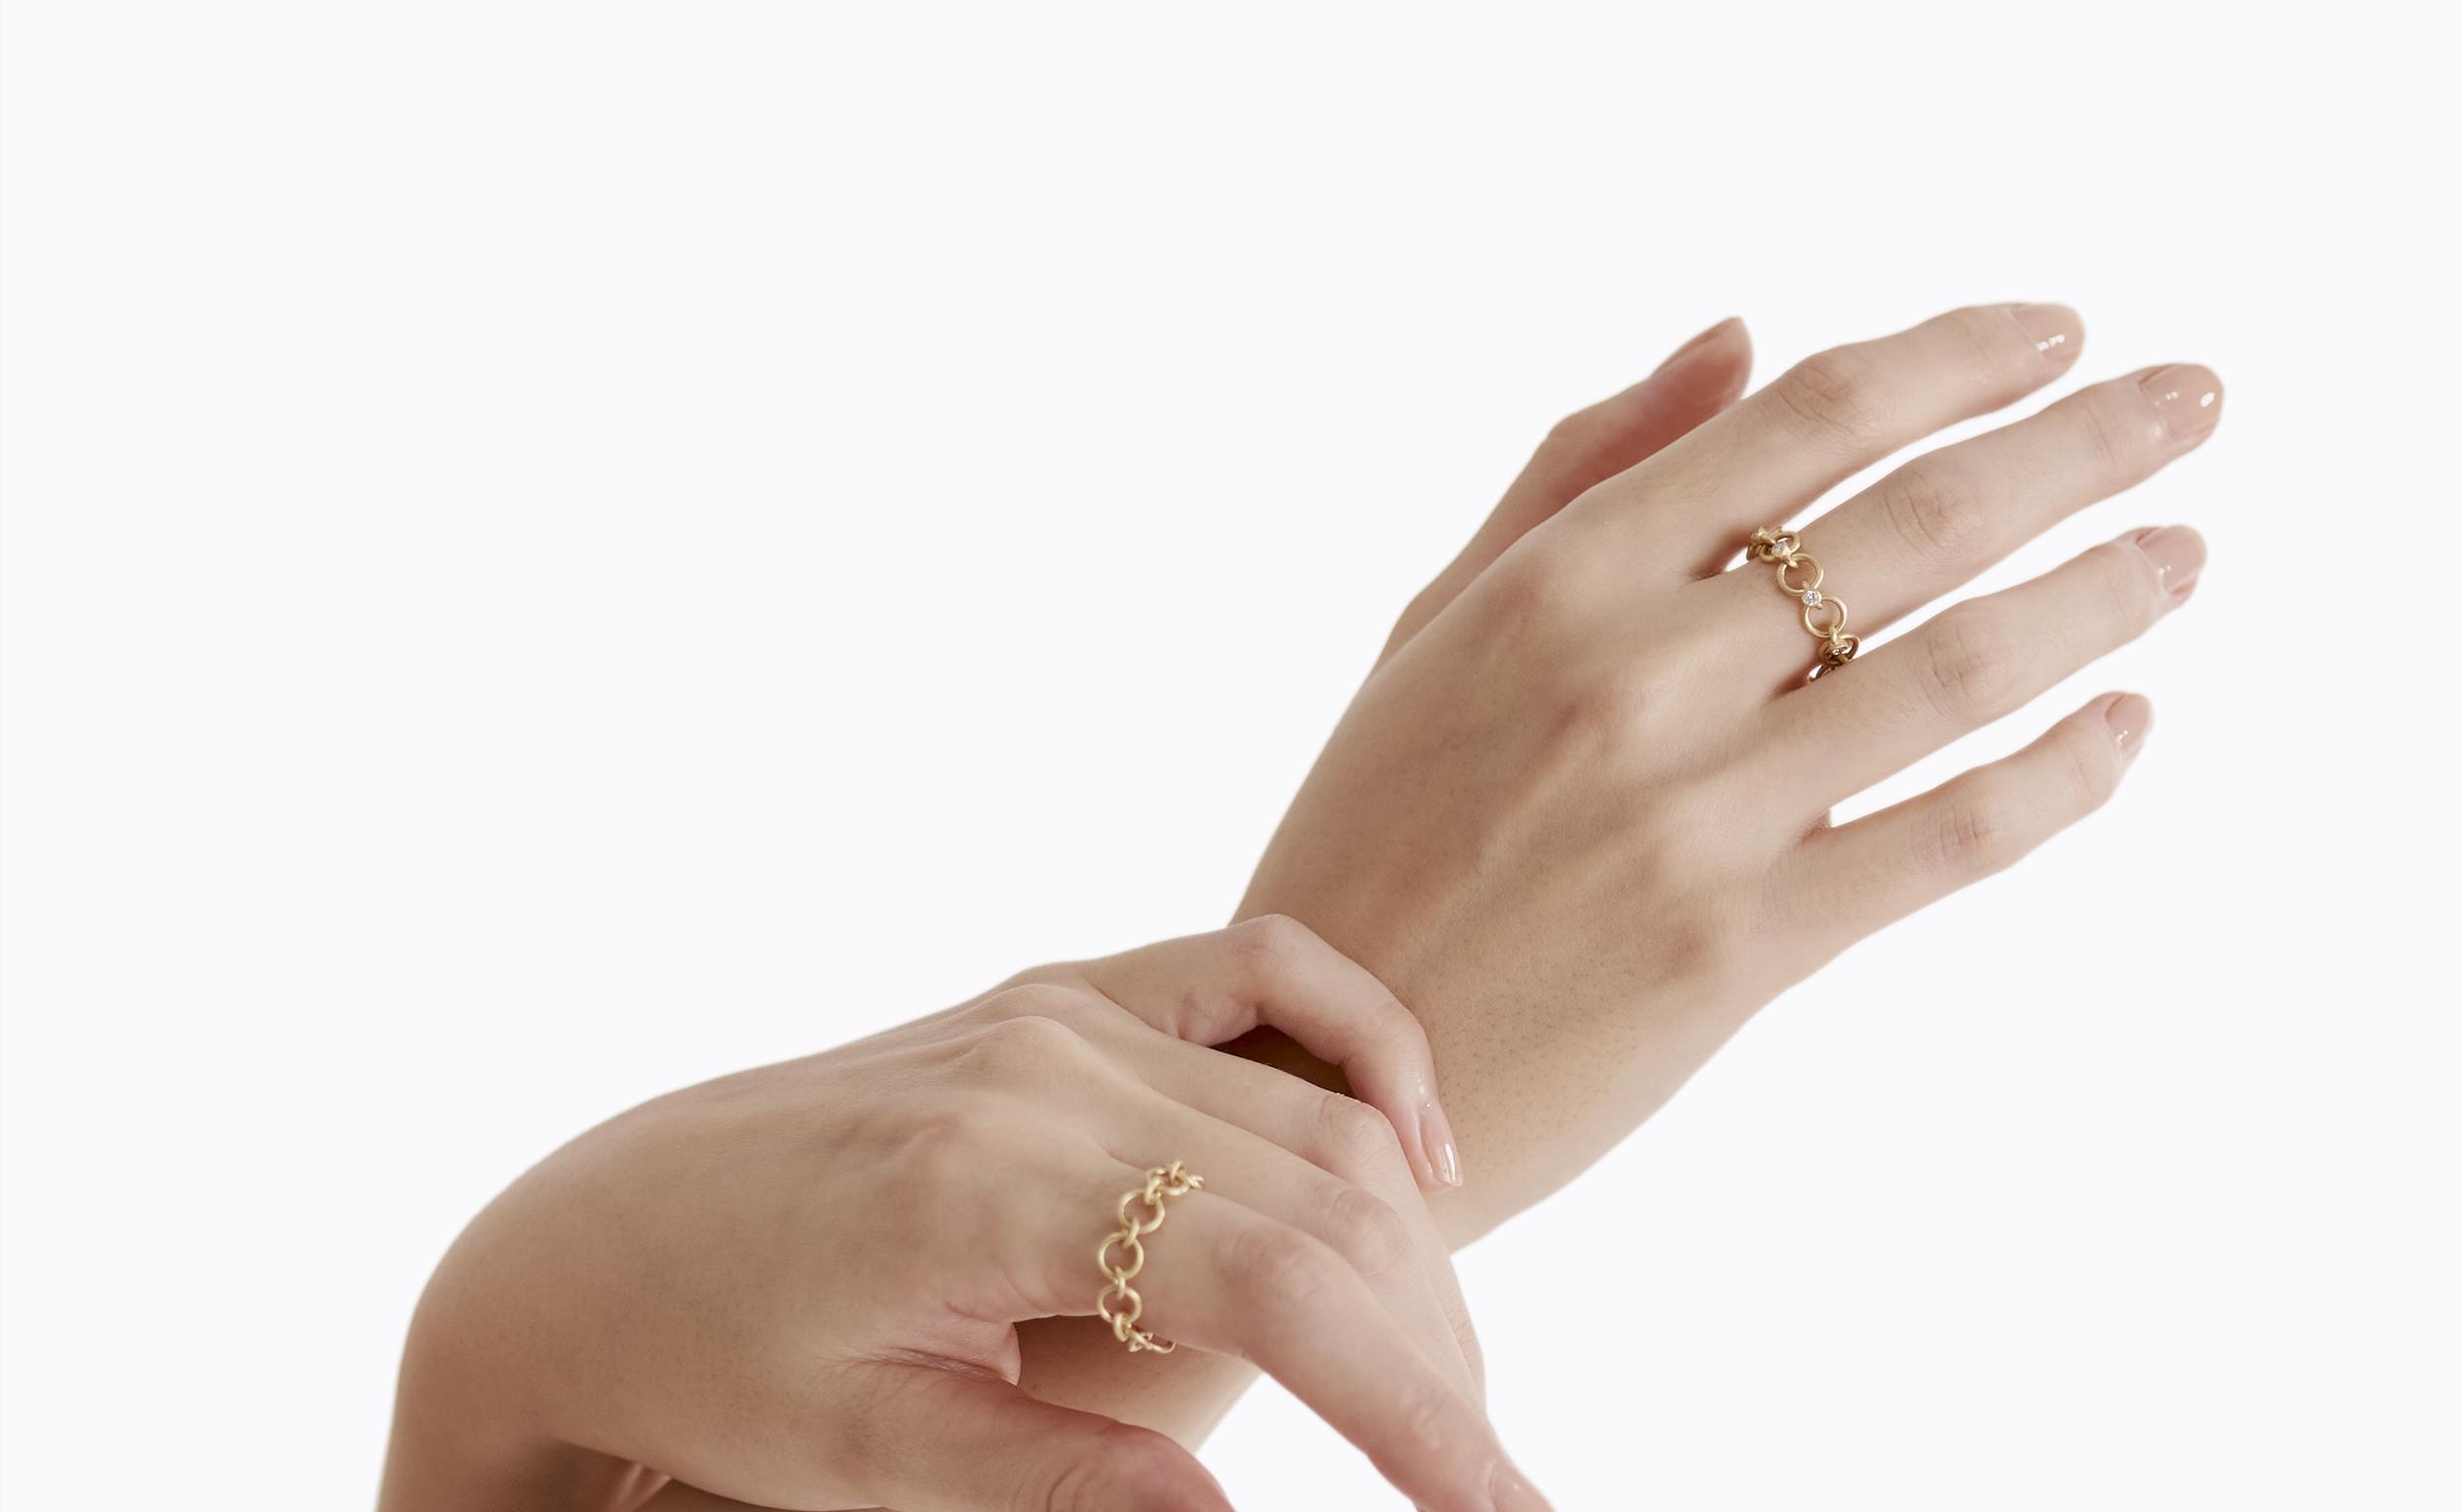 SHIHARA、丸環を用いたチェーンコレクションを刷新